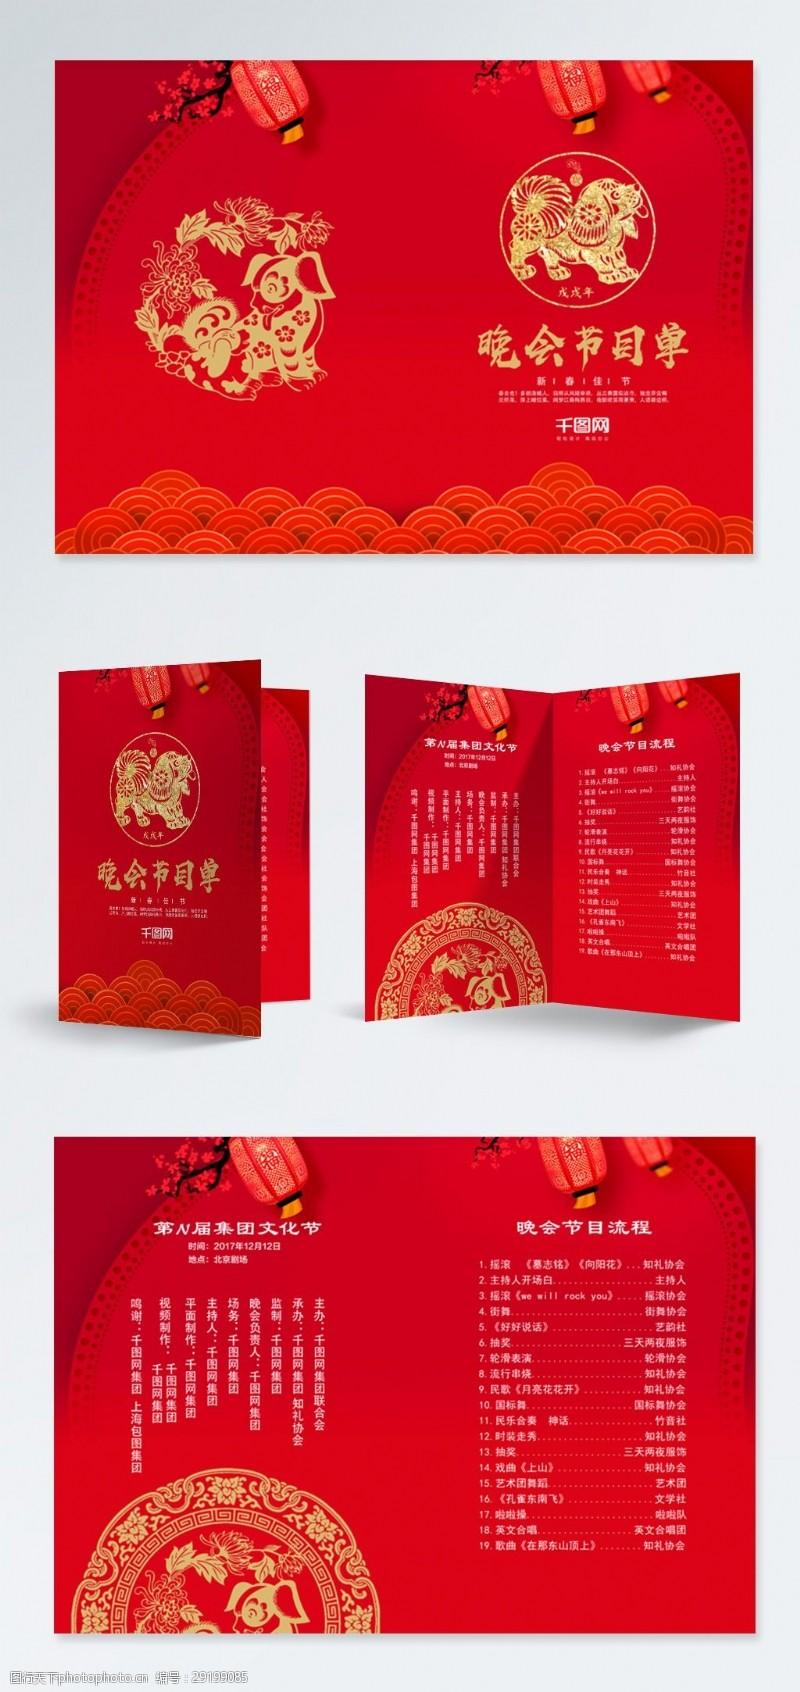 红色背景灯笼节目单折页设计